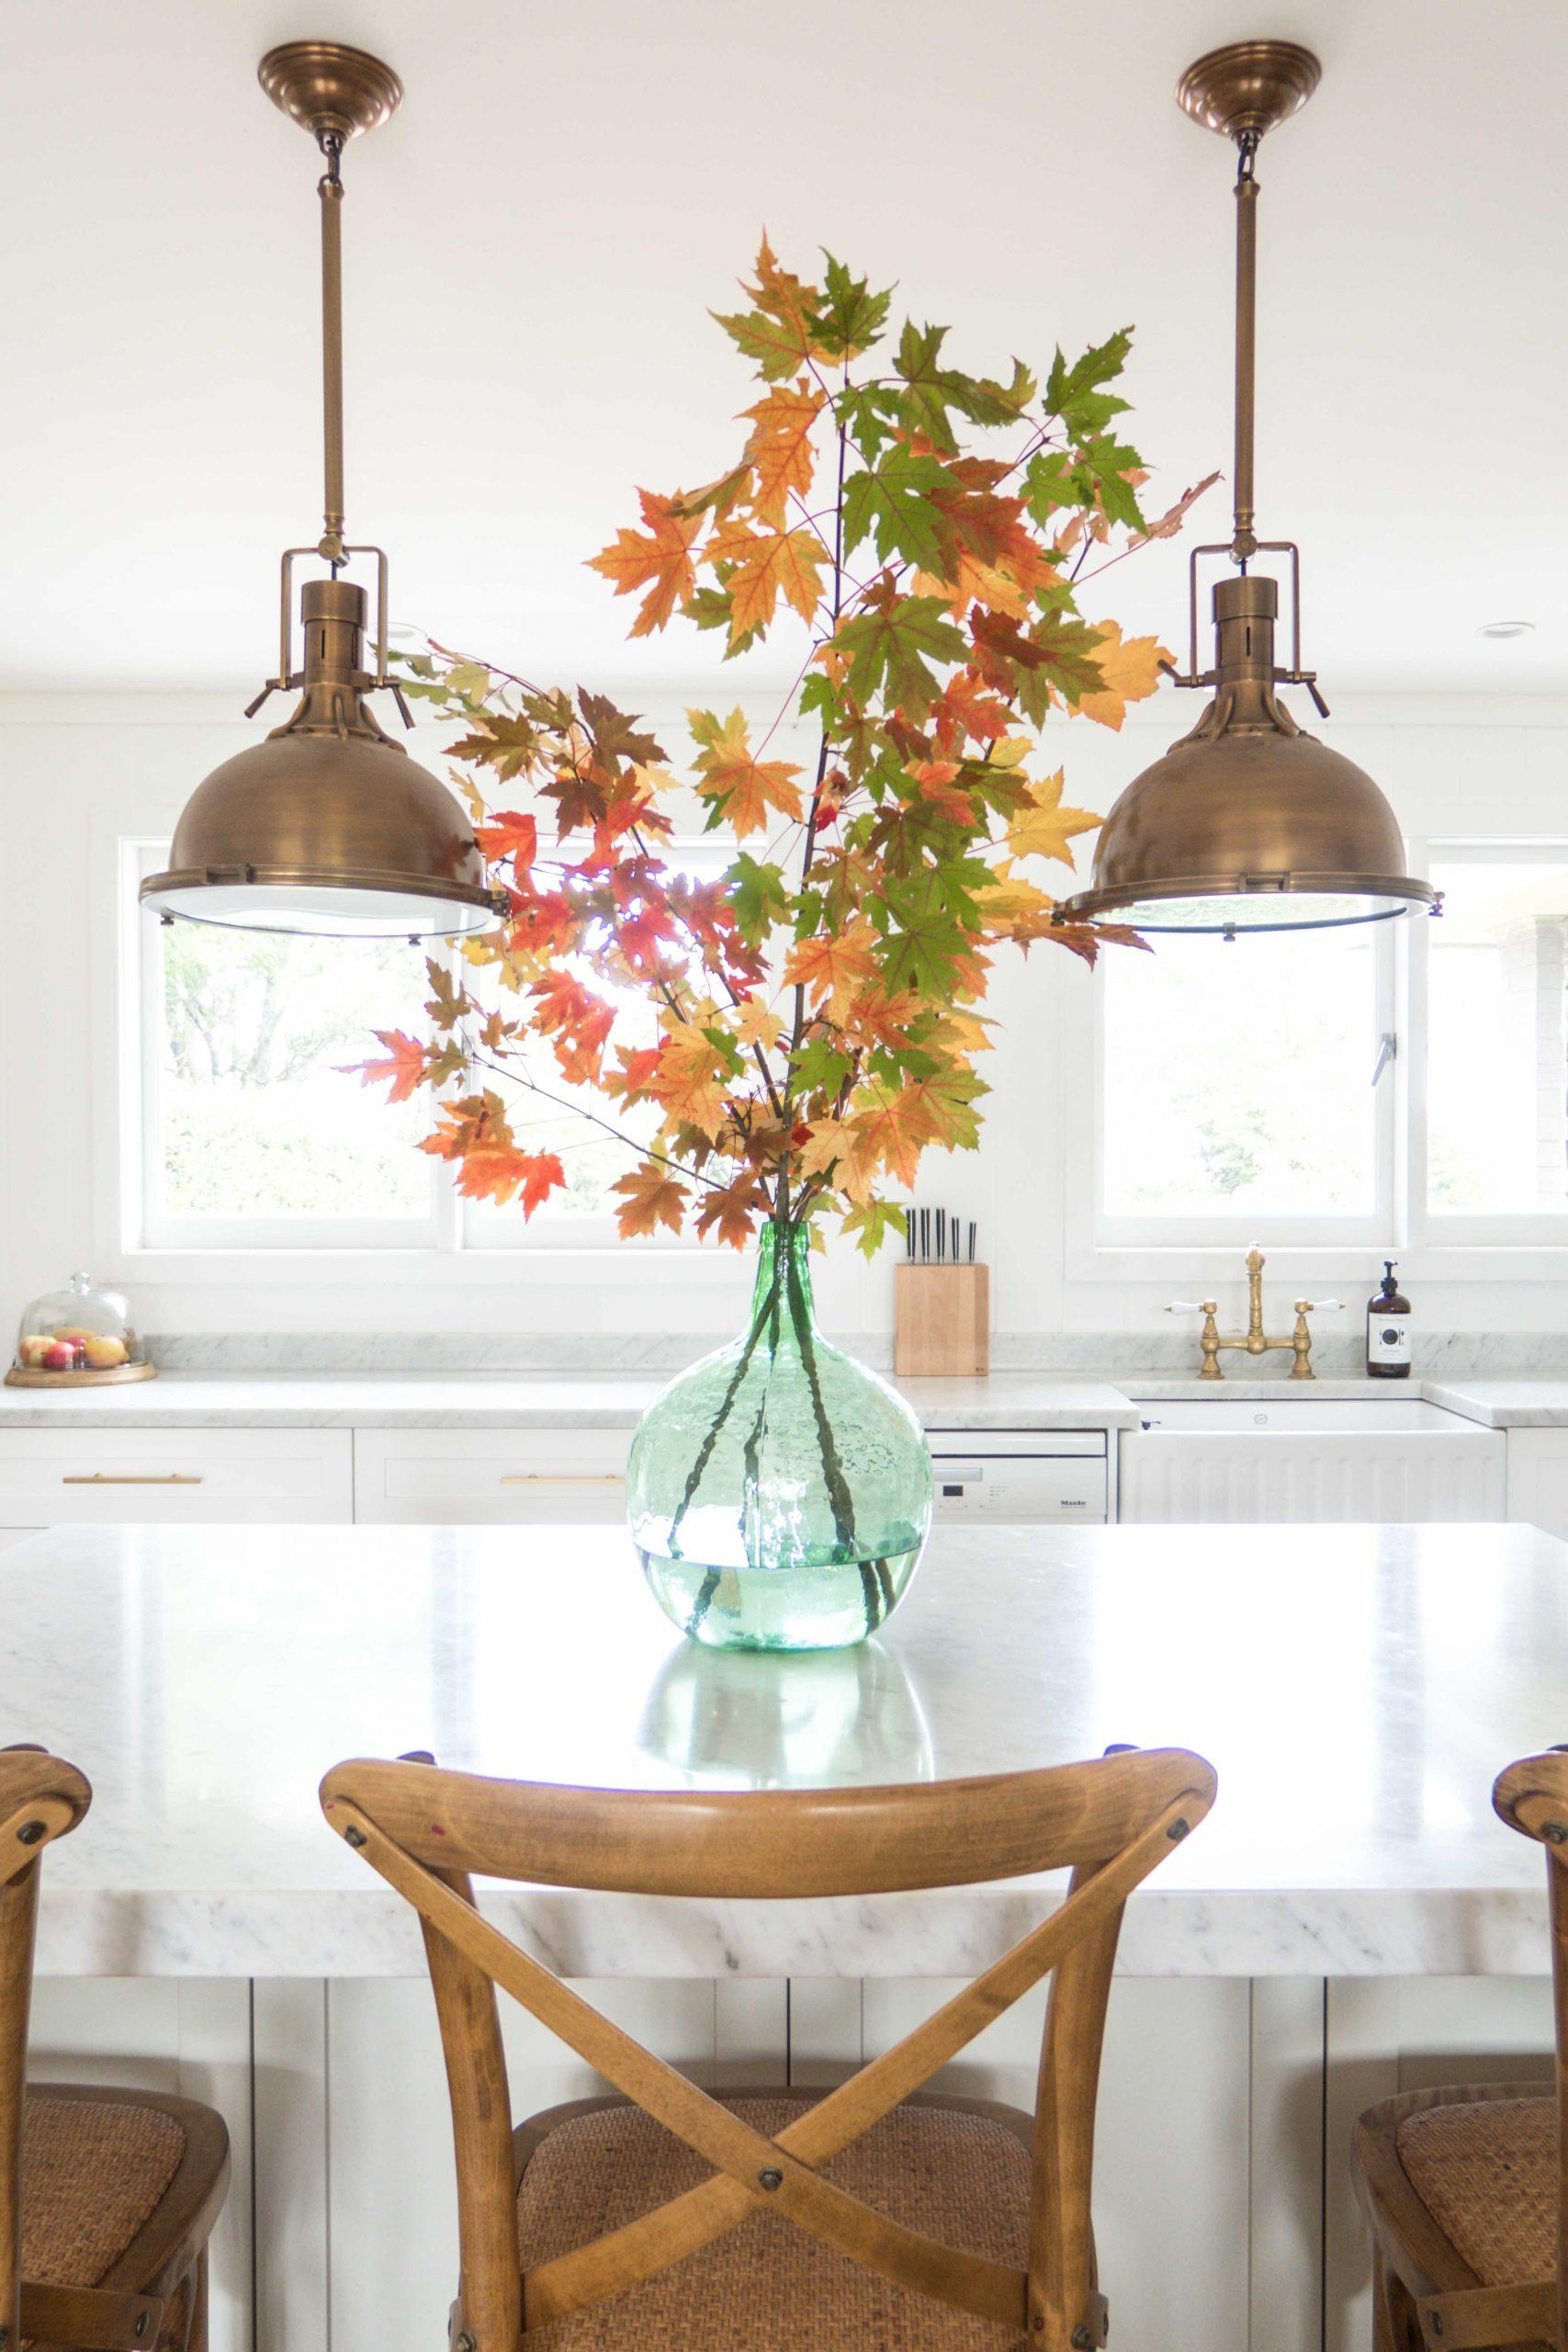 cottonwood-autumn-leaves-kitchen